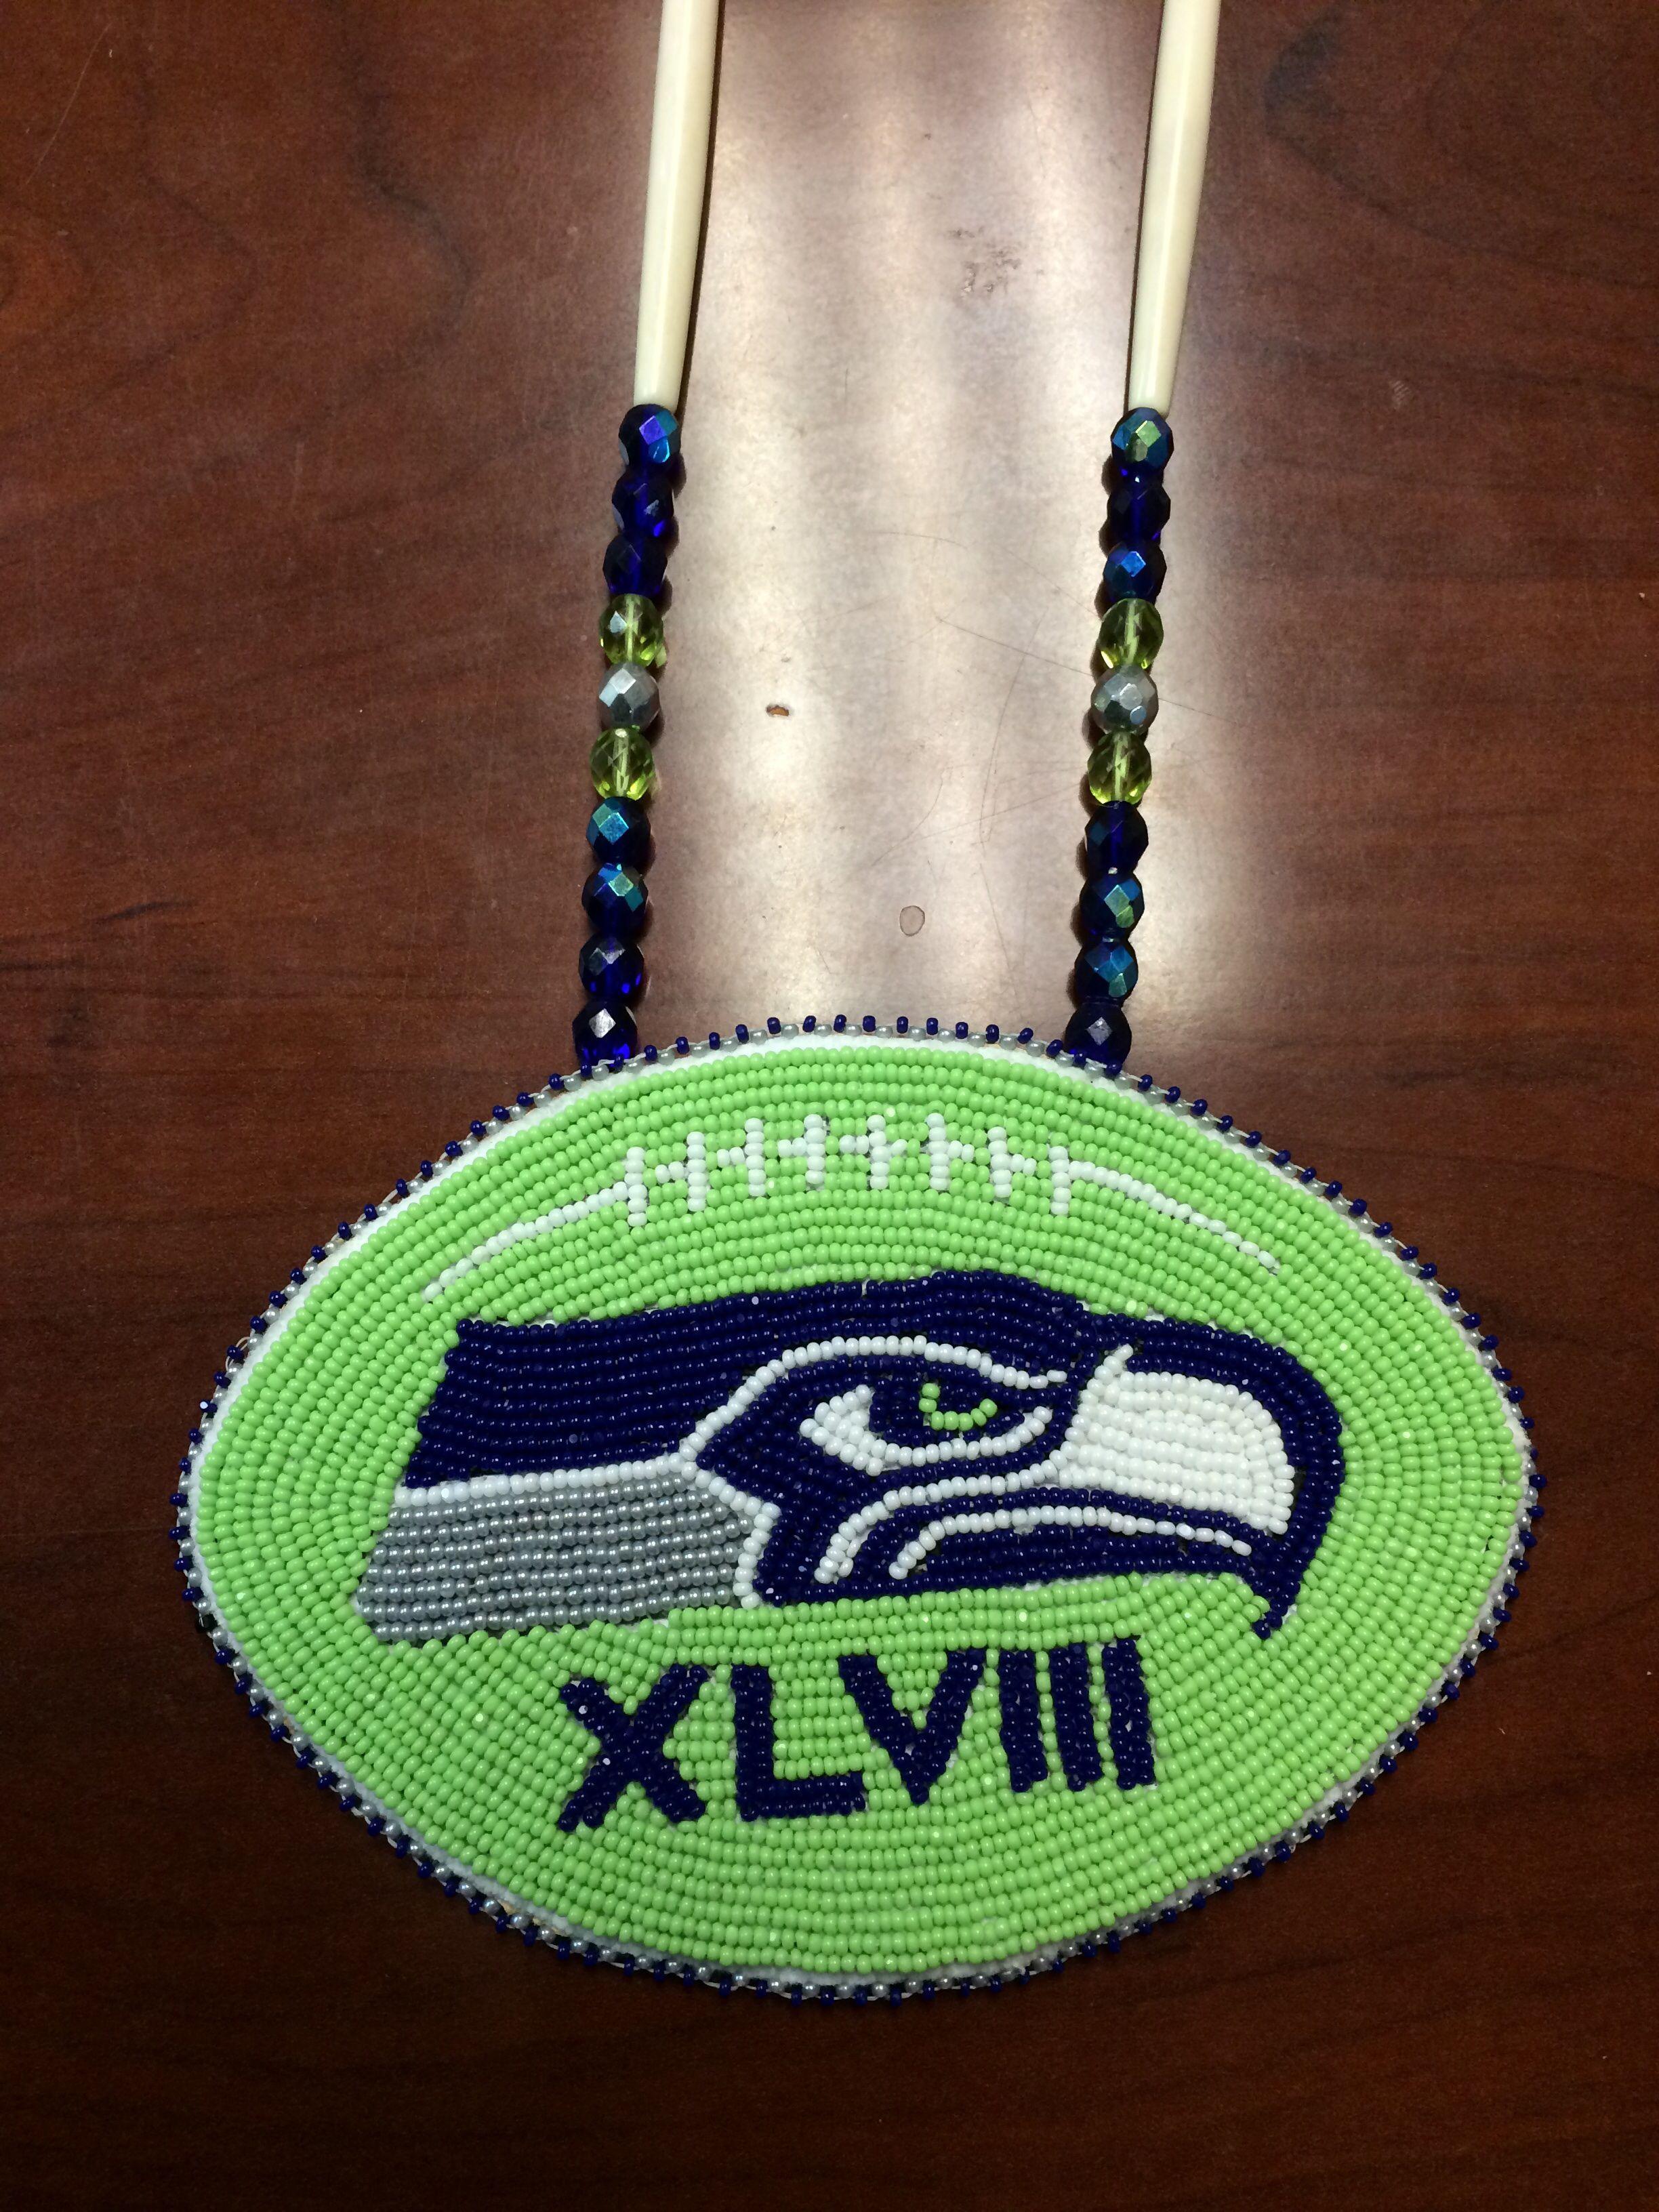 Seattle Seahawks medallion